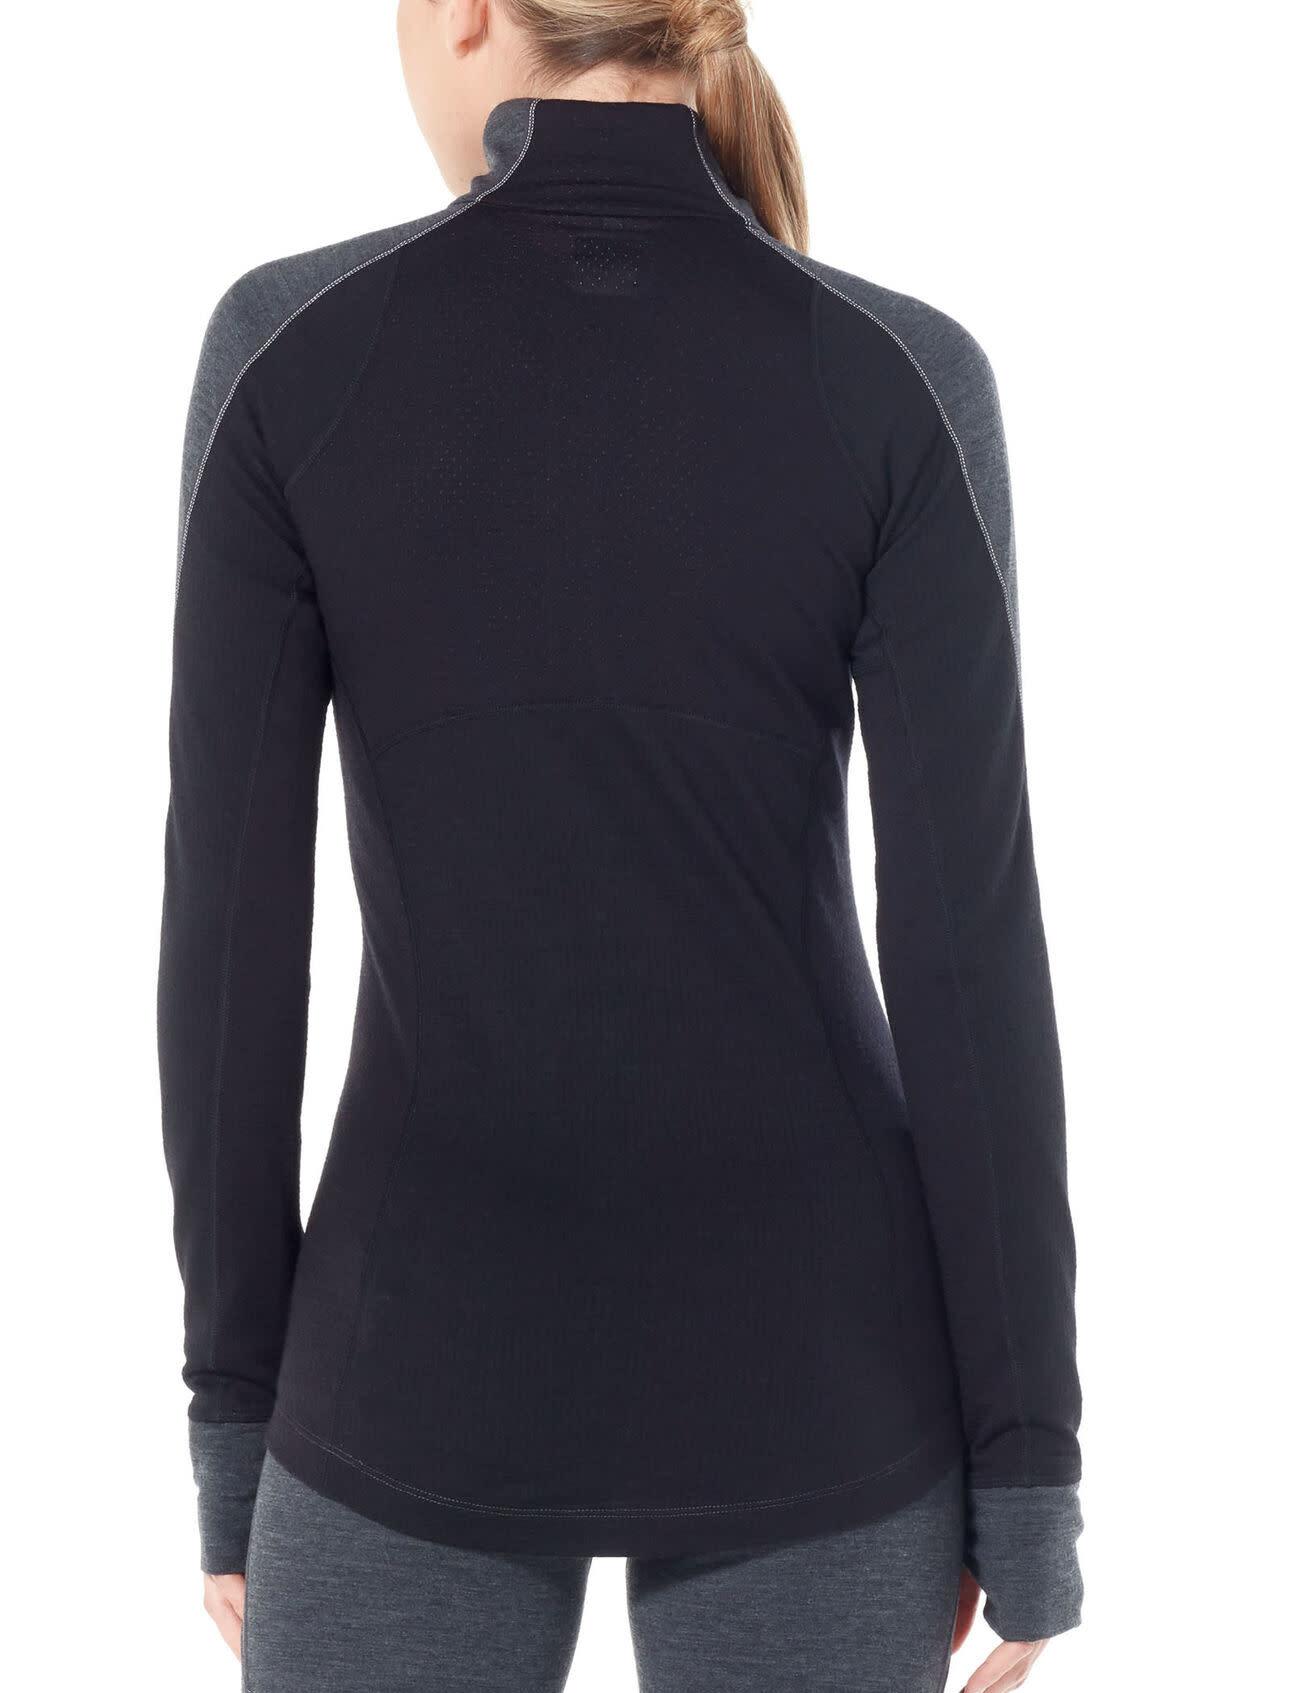 Women's 260 BodyFitZone Long Sleeve Half Zip-3